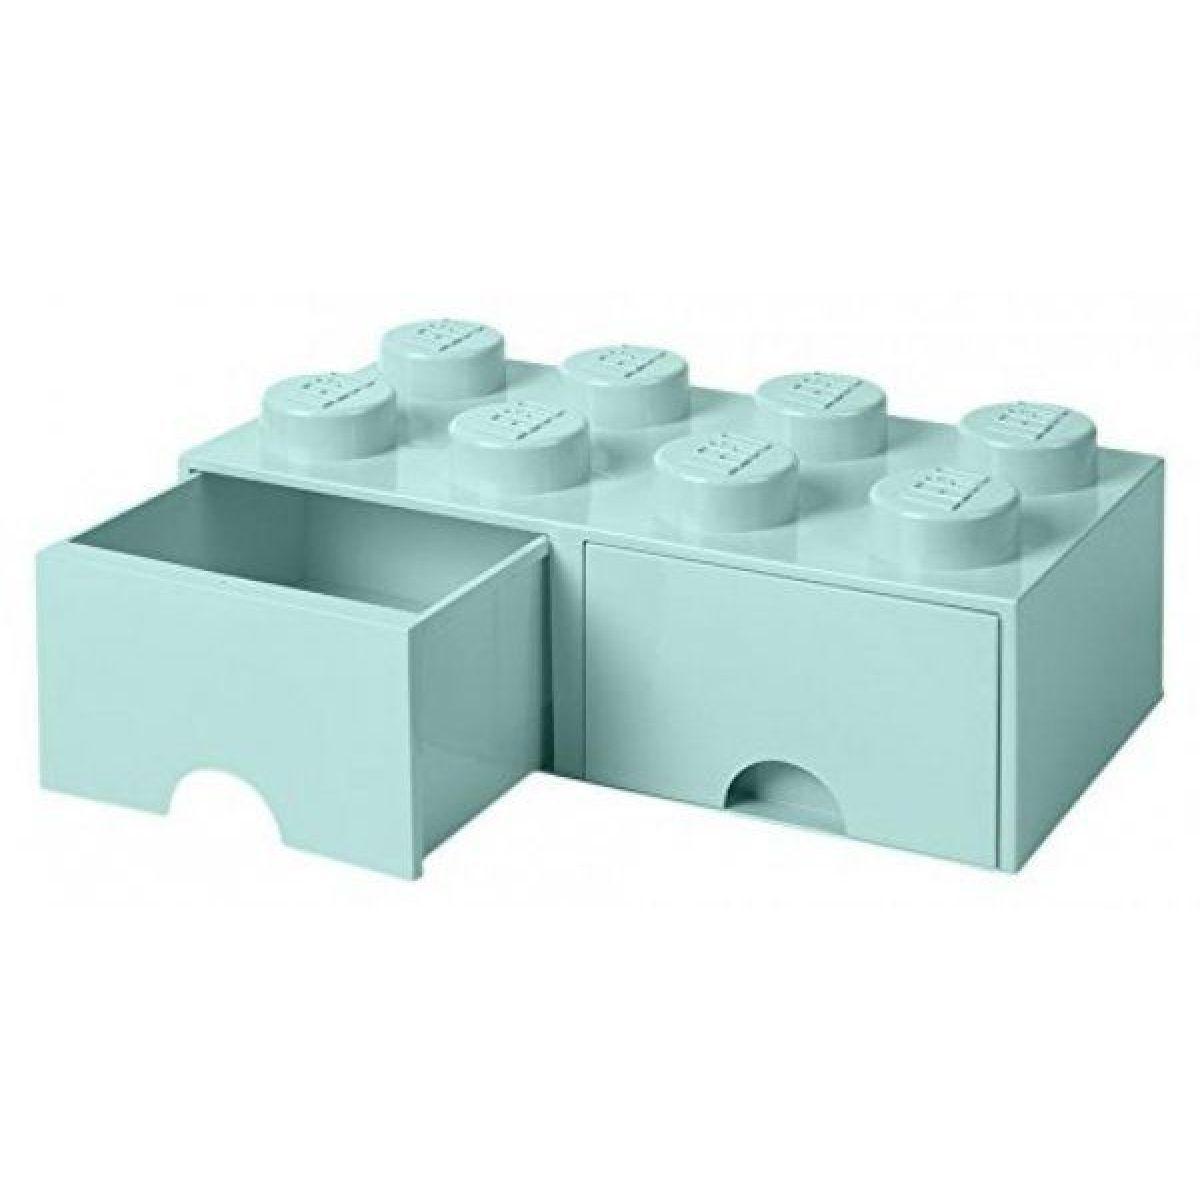 LEGO úložný box 8 se šuplíky aqua